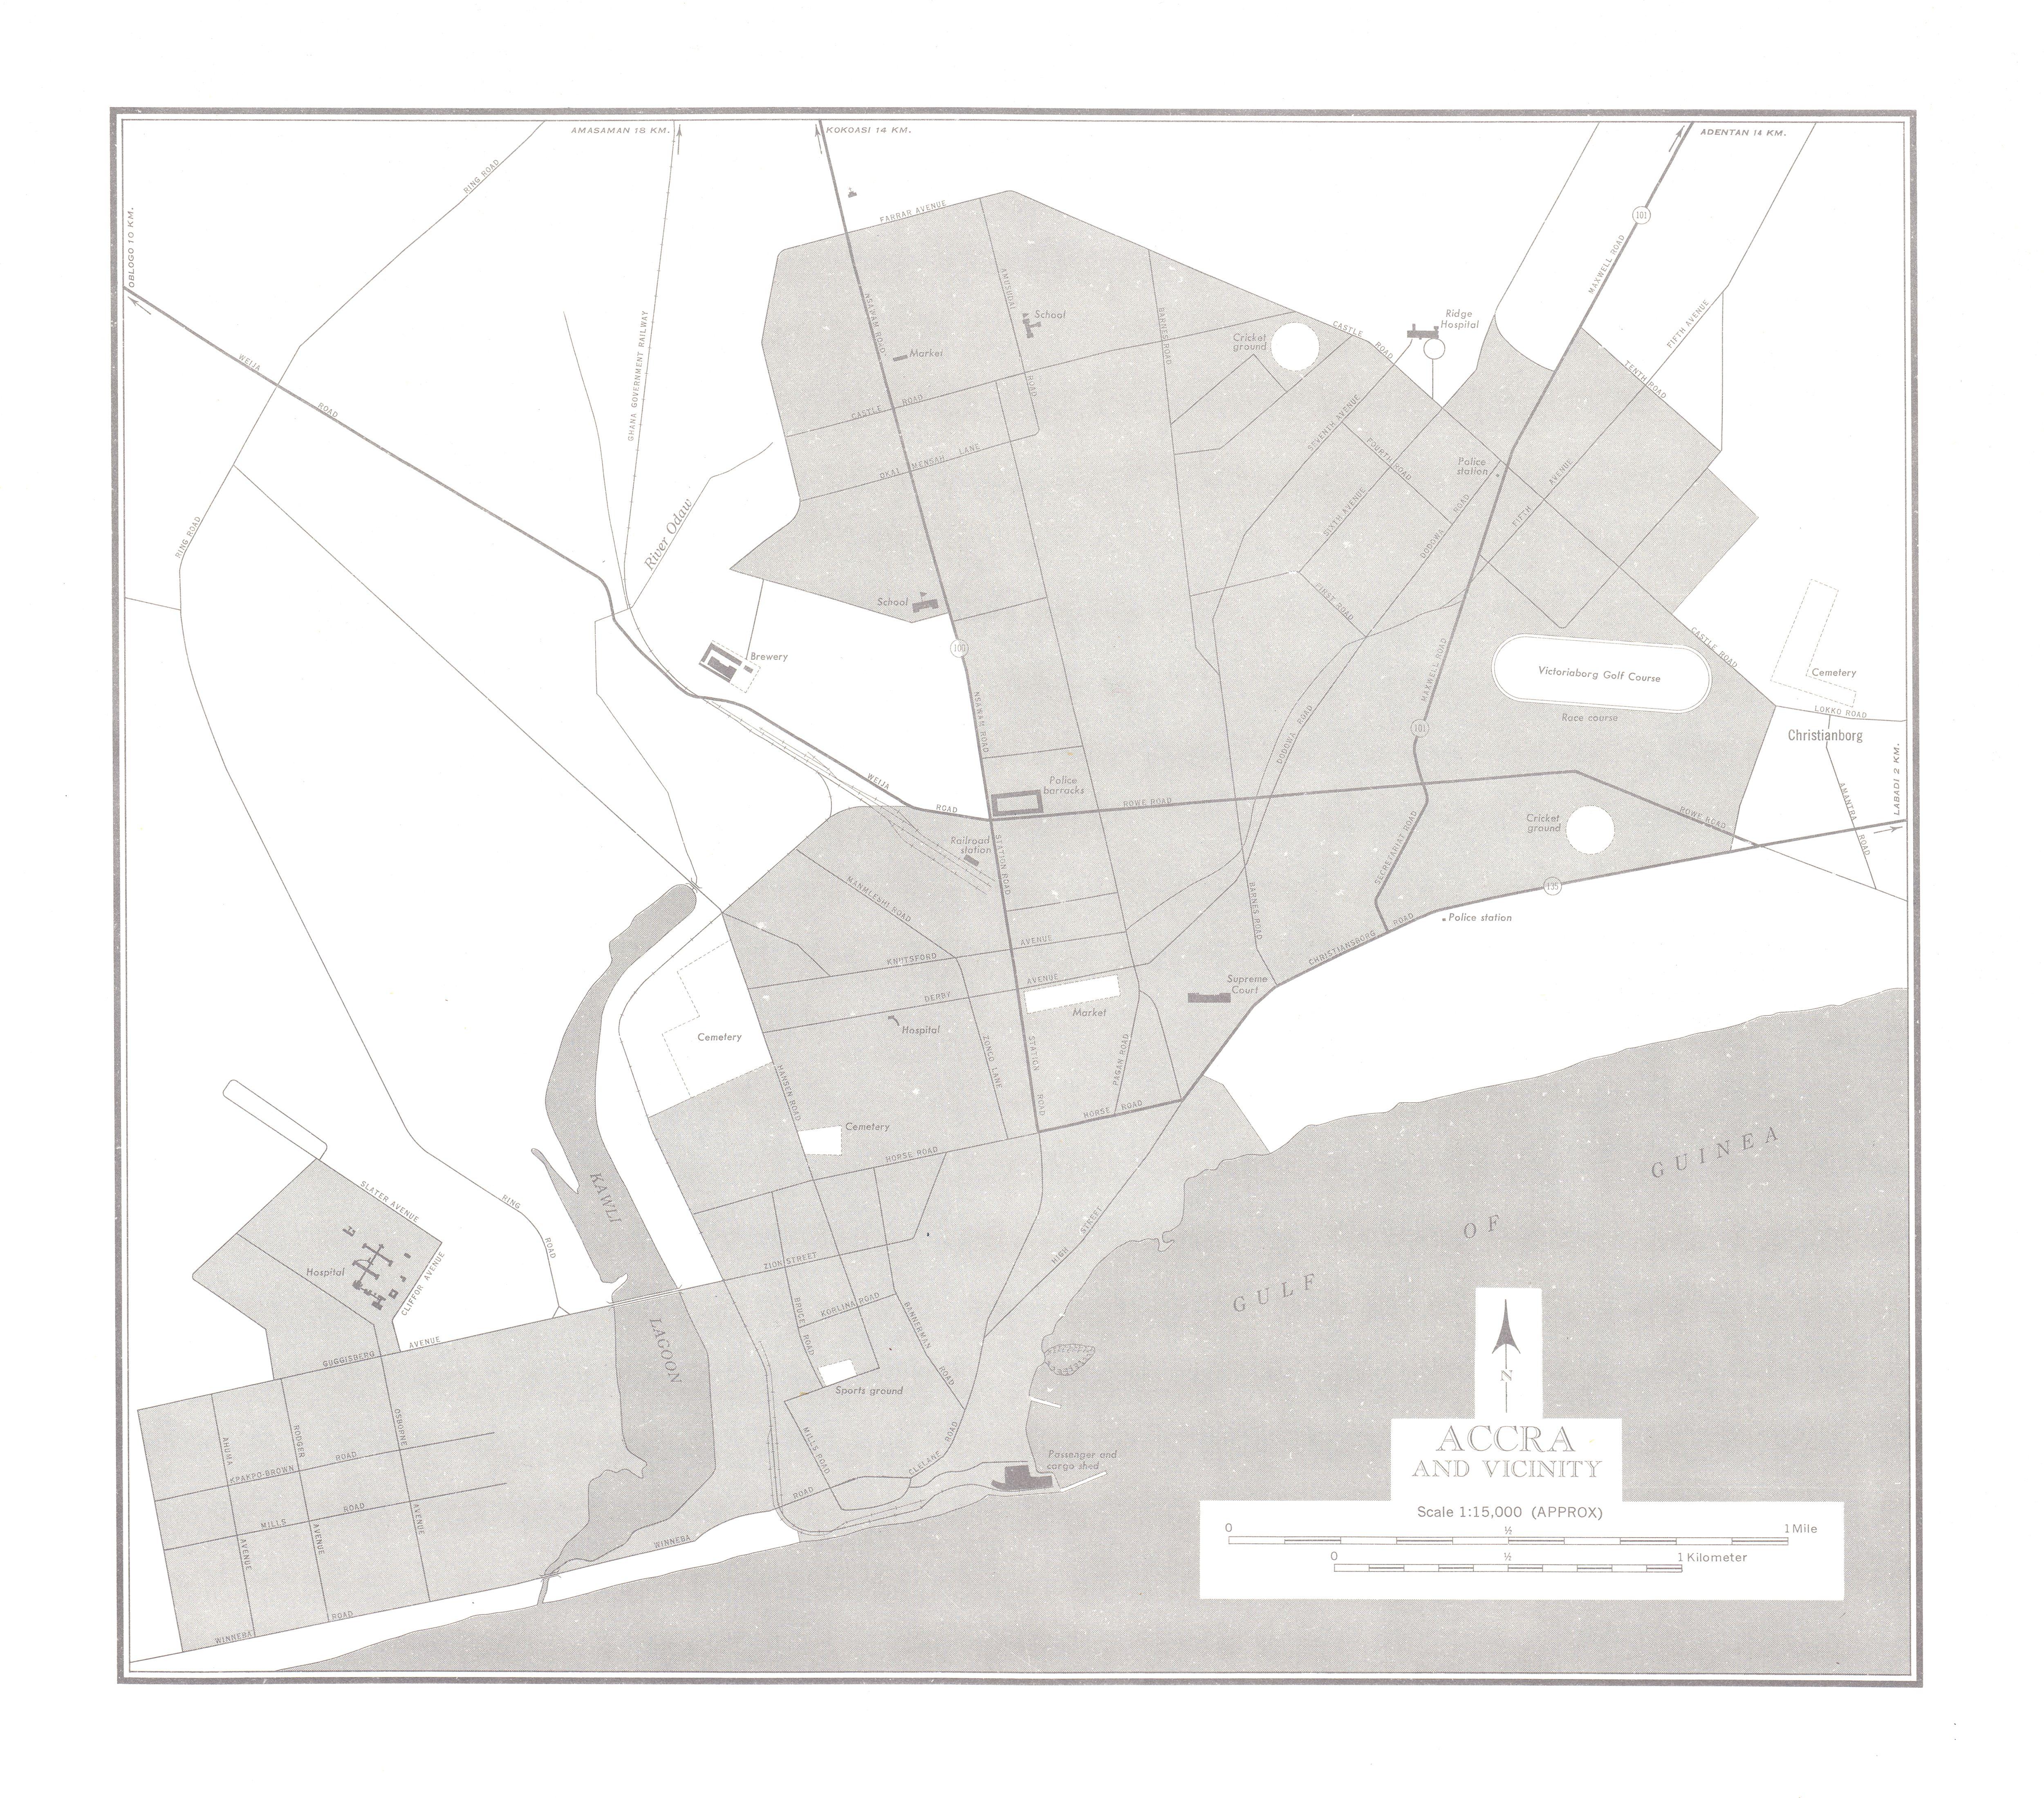 Mapa de la Ciudad de Accra y Cercanías, Ghana 1955